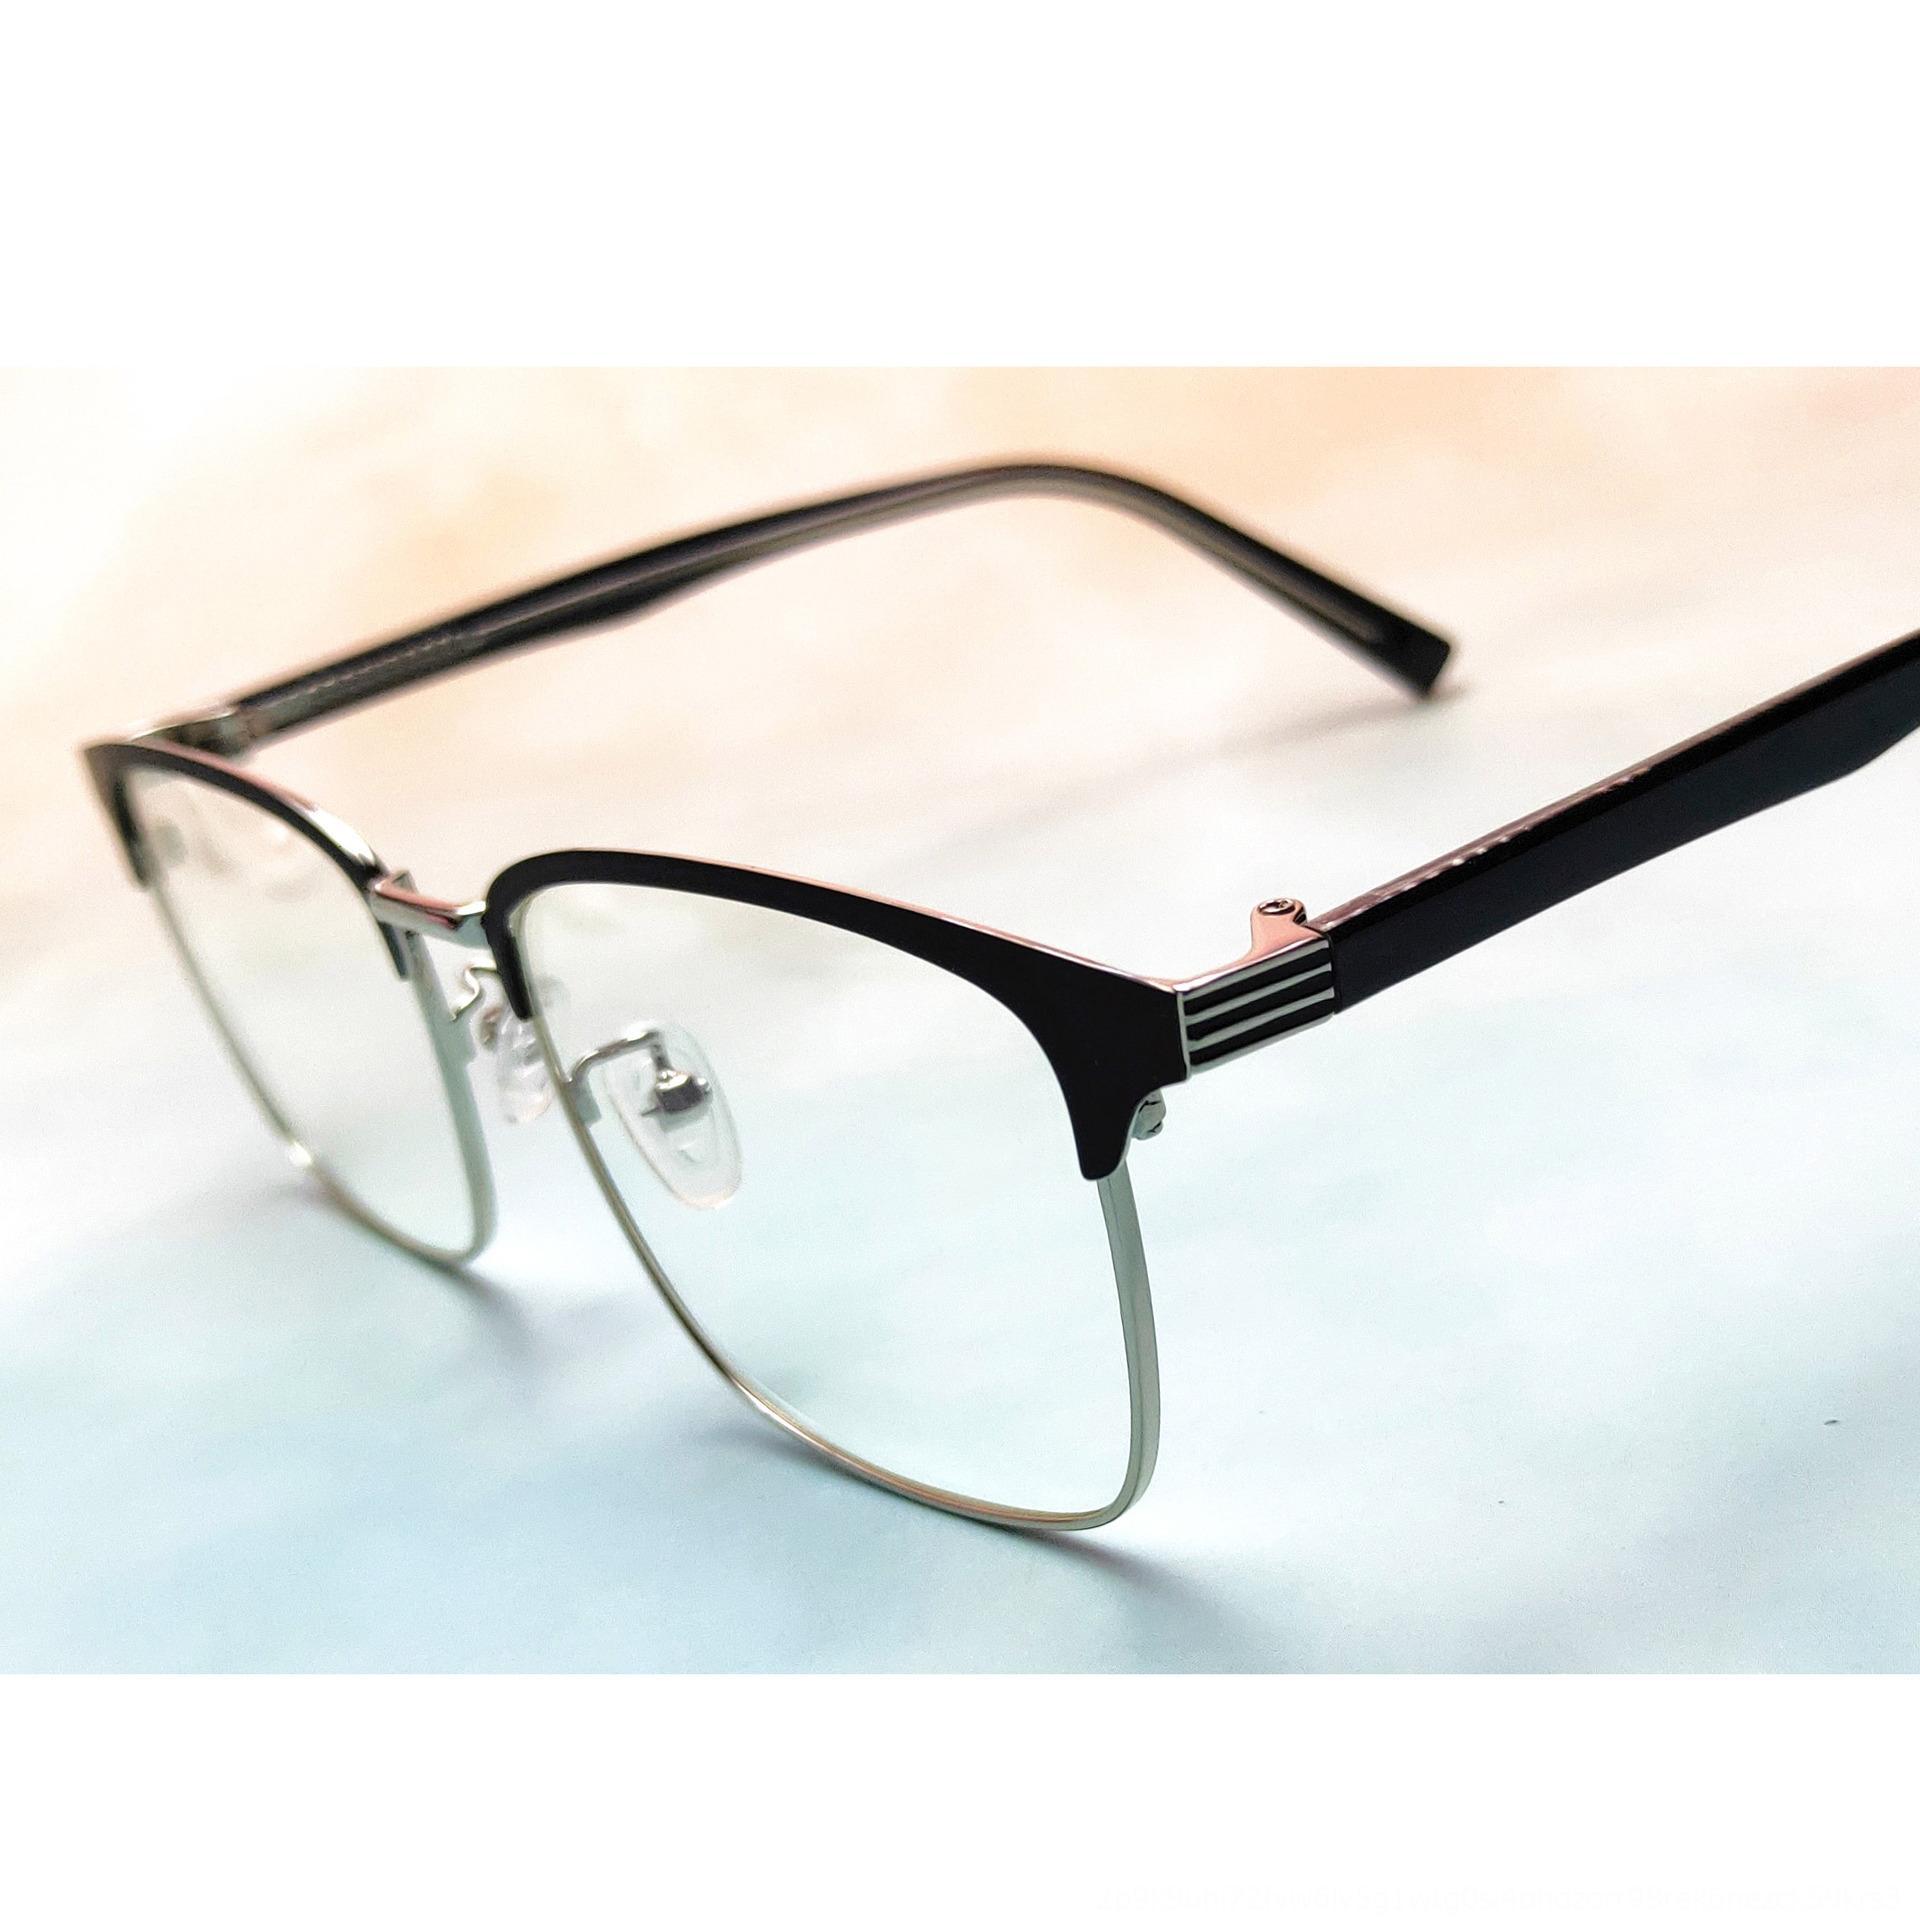 M6Eso 2020 yeni metal eklenti çerçeve erkekler sanatsal düz camlar, kalın kenar çelik deri çerçeve 1925 gözlük